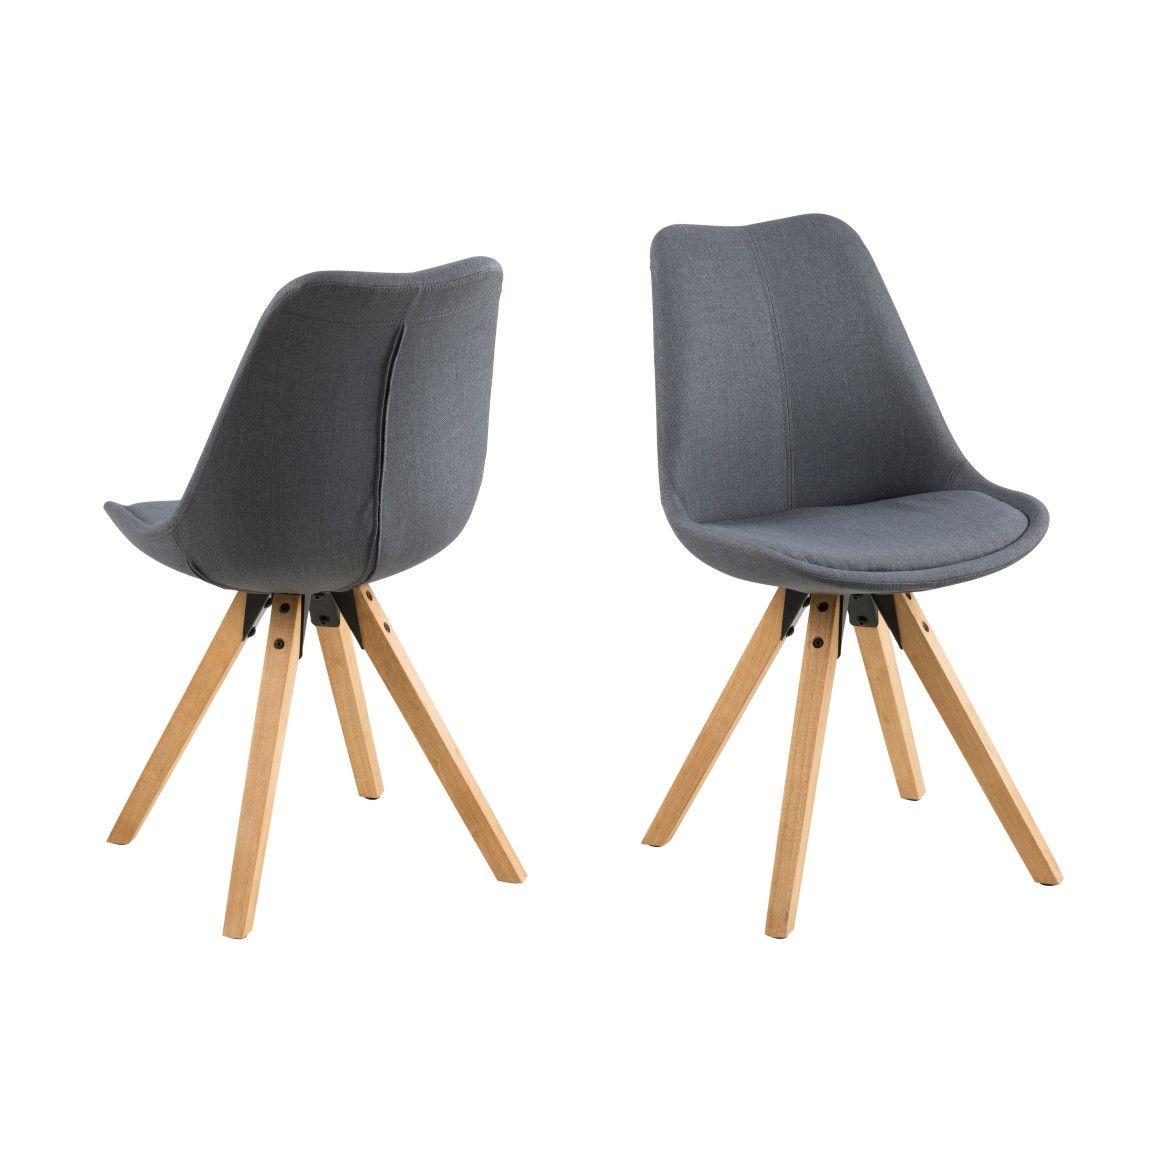 Stühle Nida | 2er-Set | Anthrazit & Holz